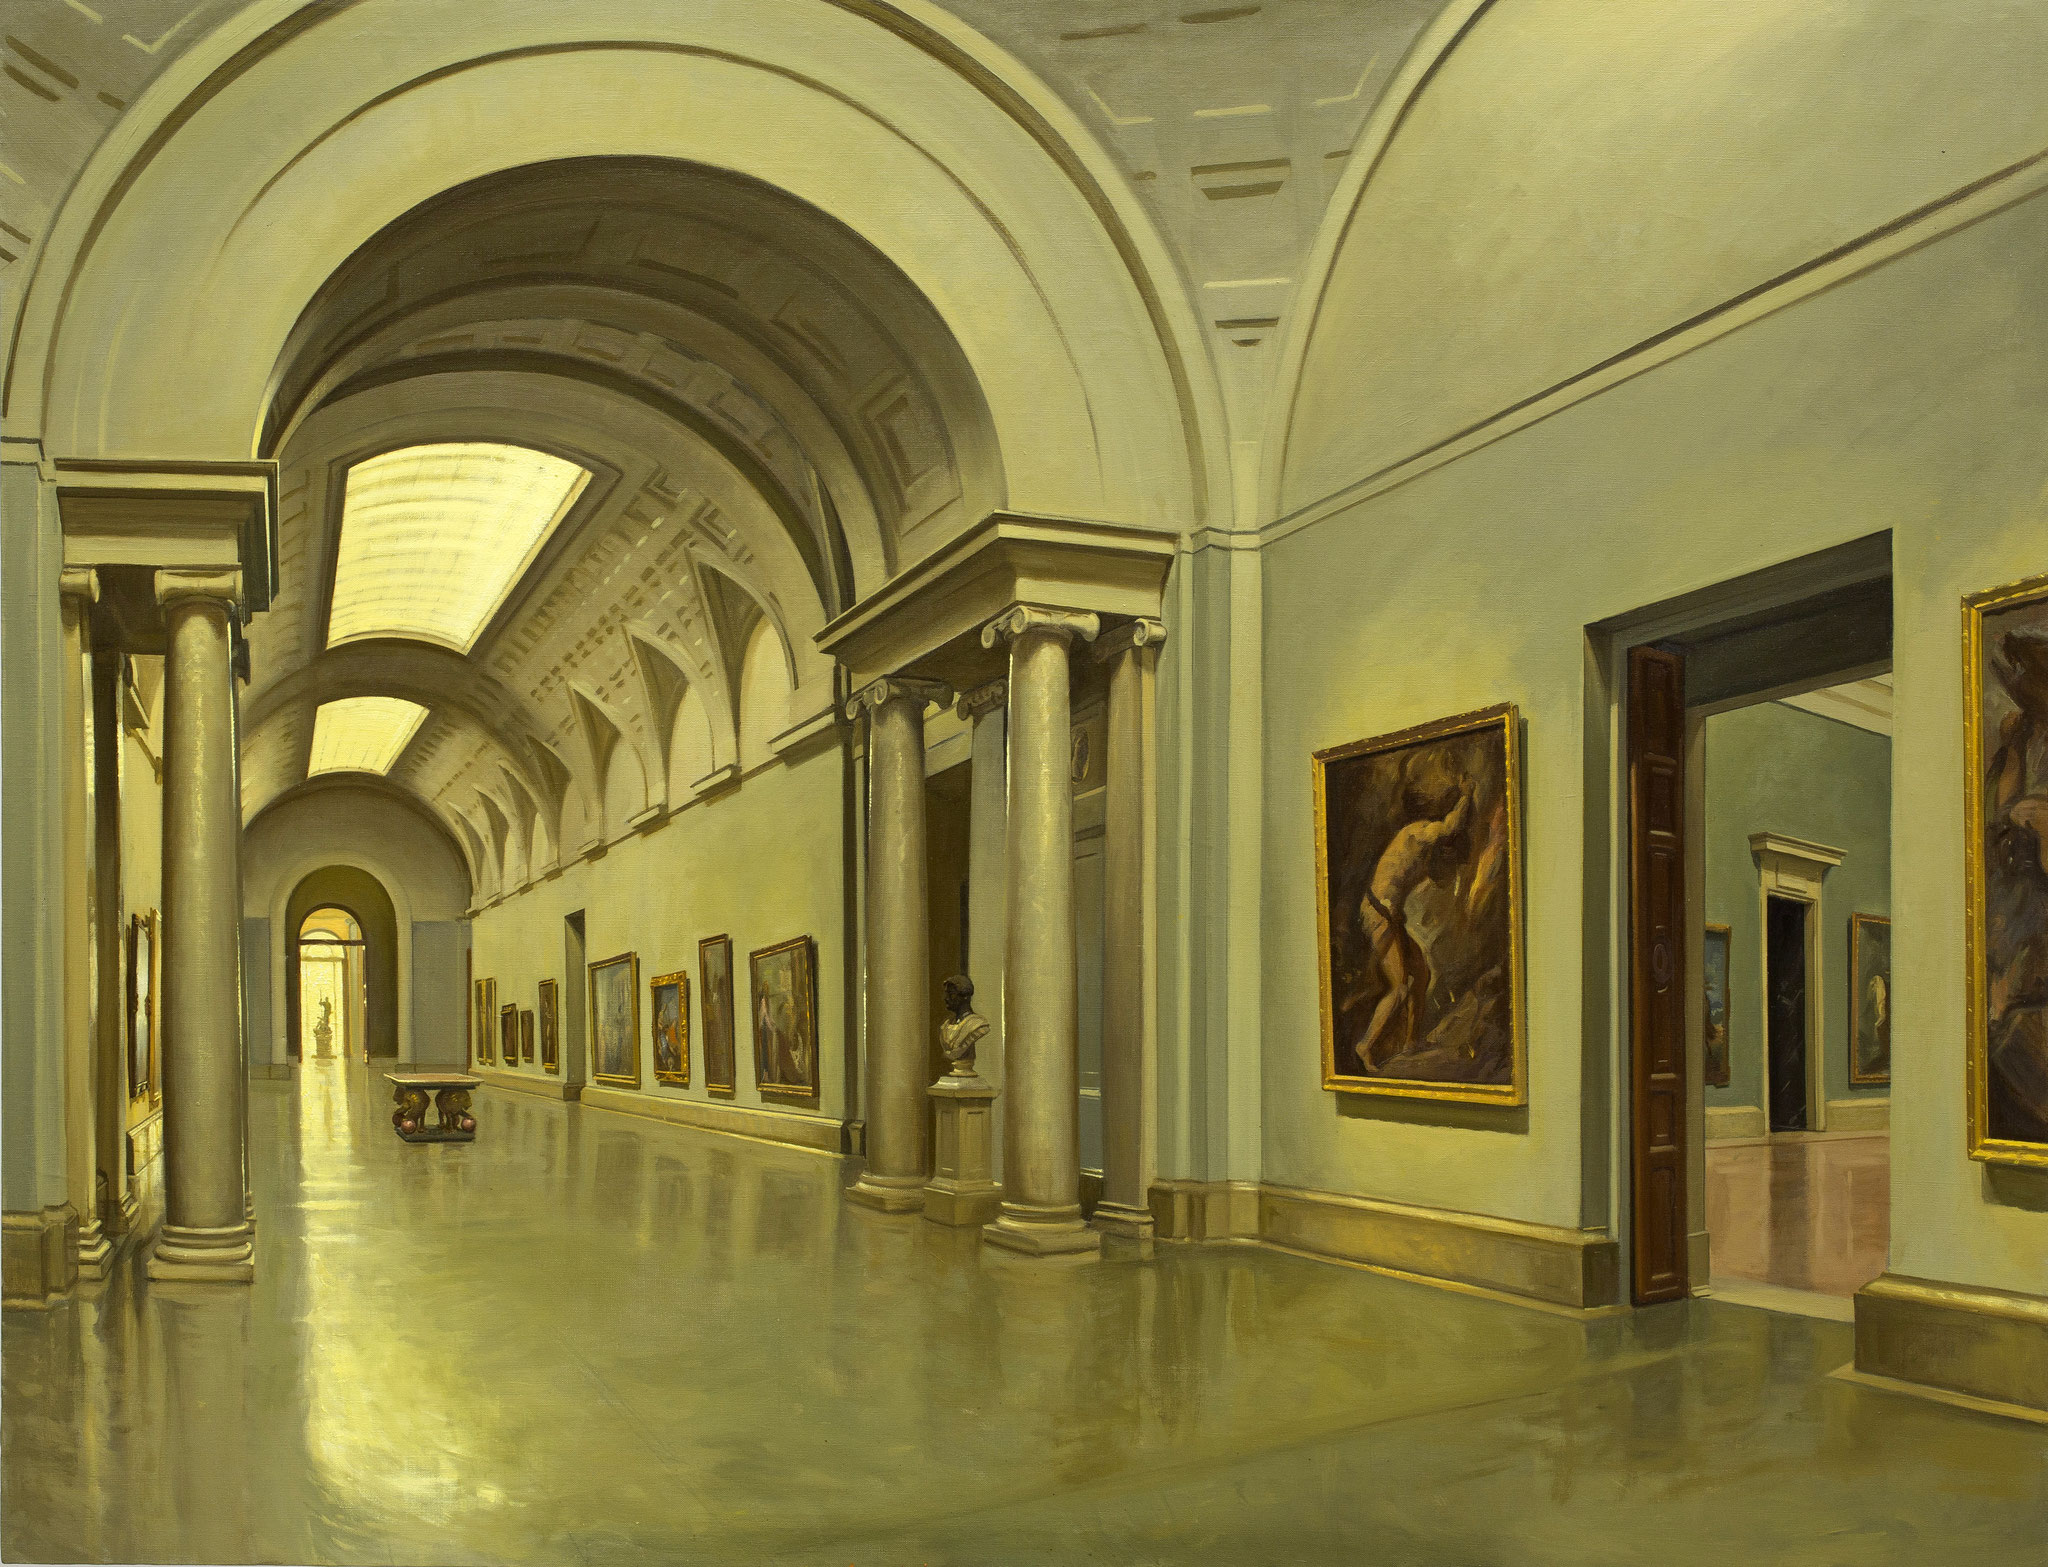 Vista de la galería central del Museo del Prado desde la sala 27. Óleo sobre lienzo, 100 x 130 cm.